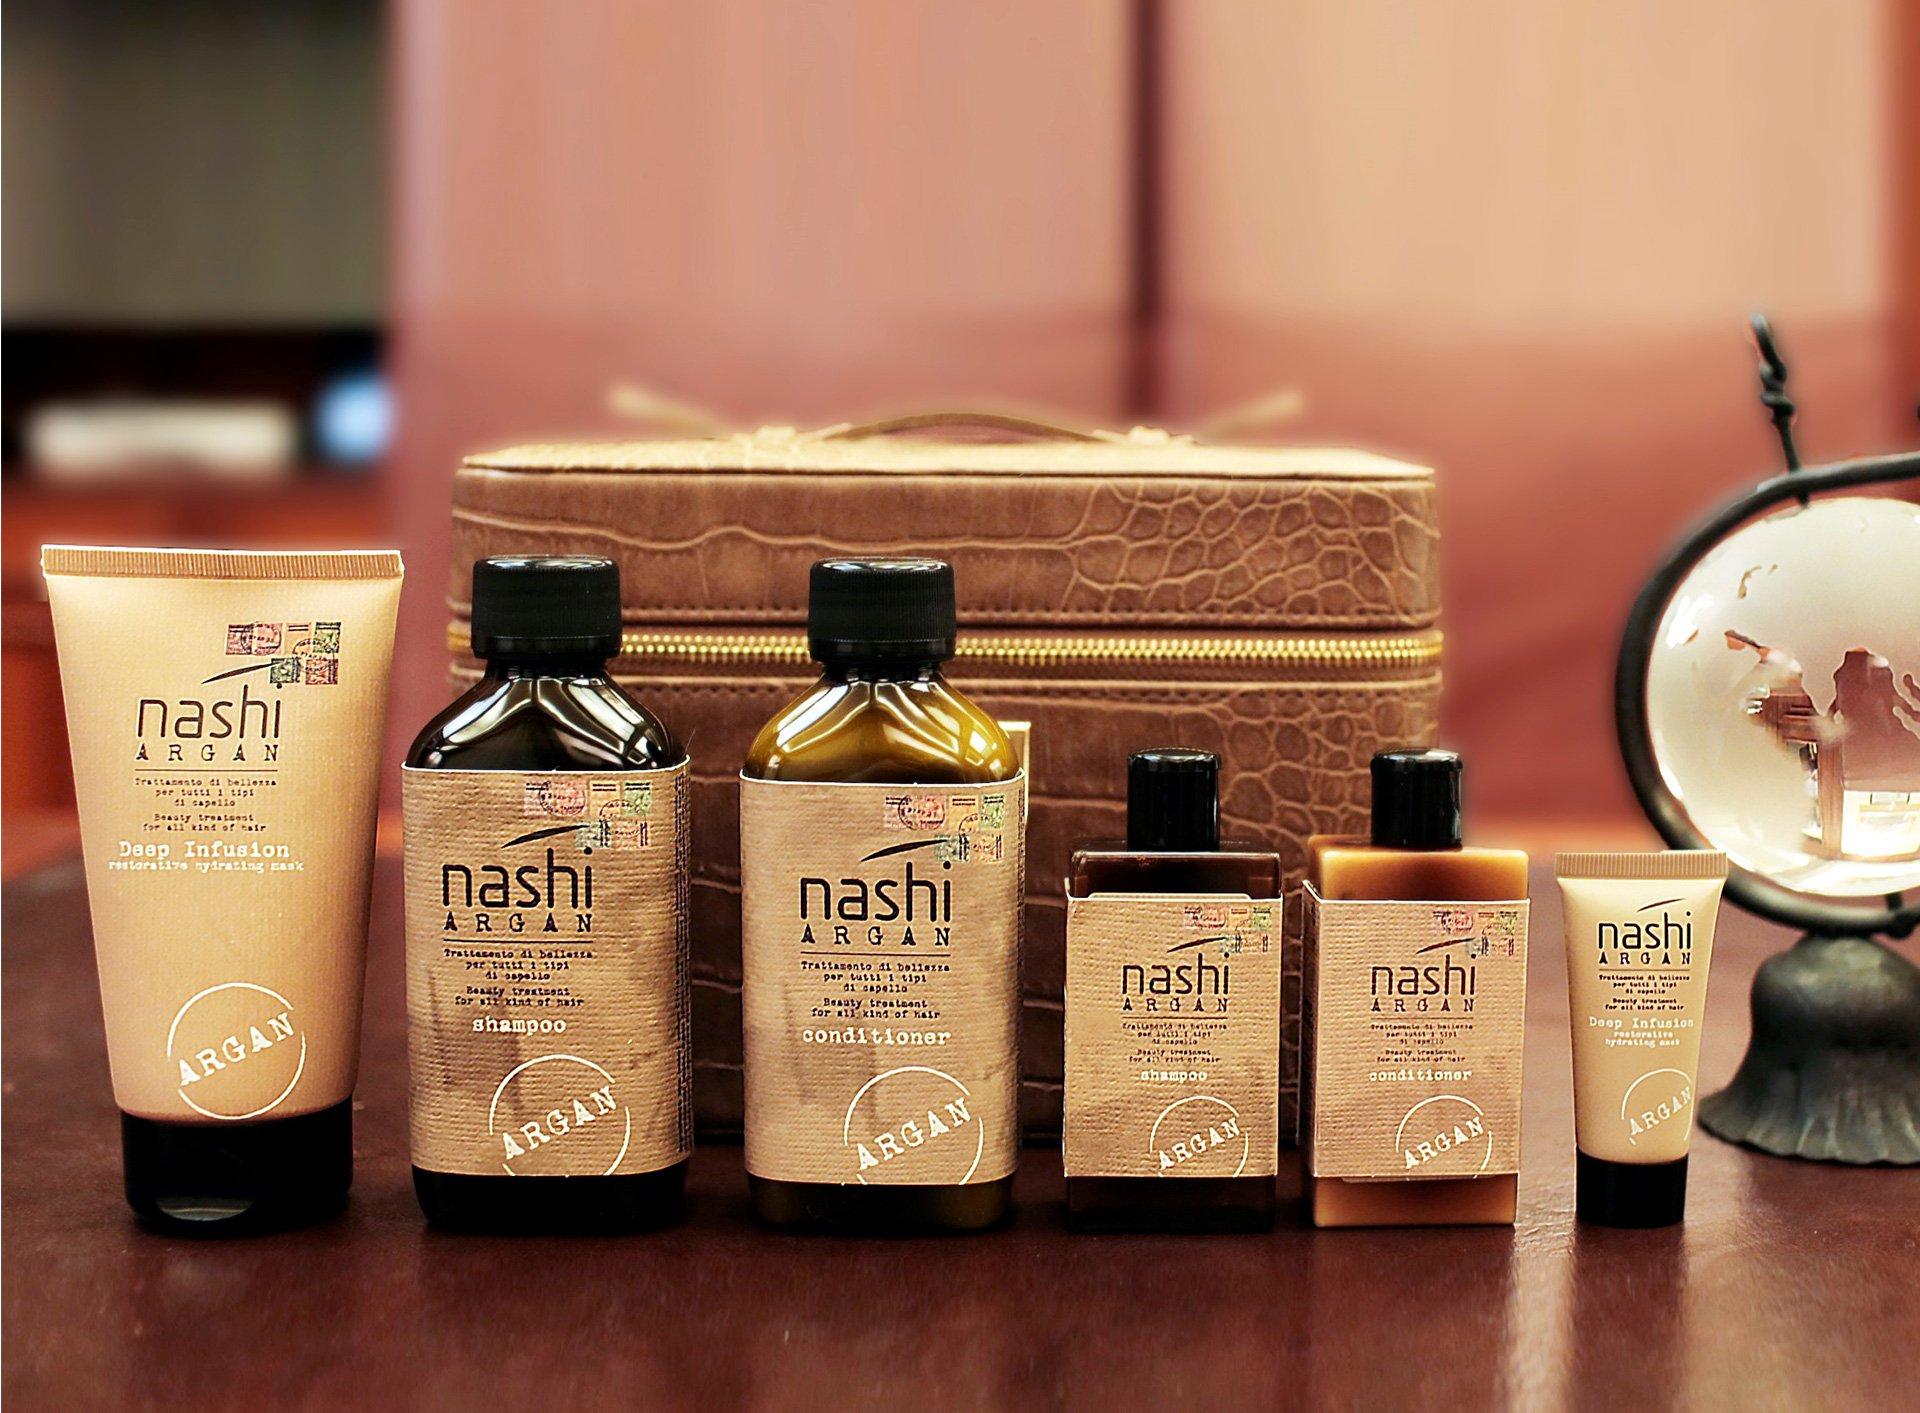 prodotti nashi argan